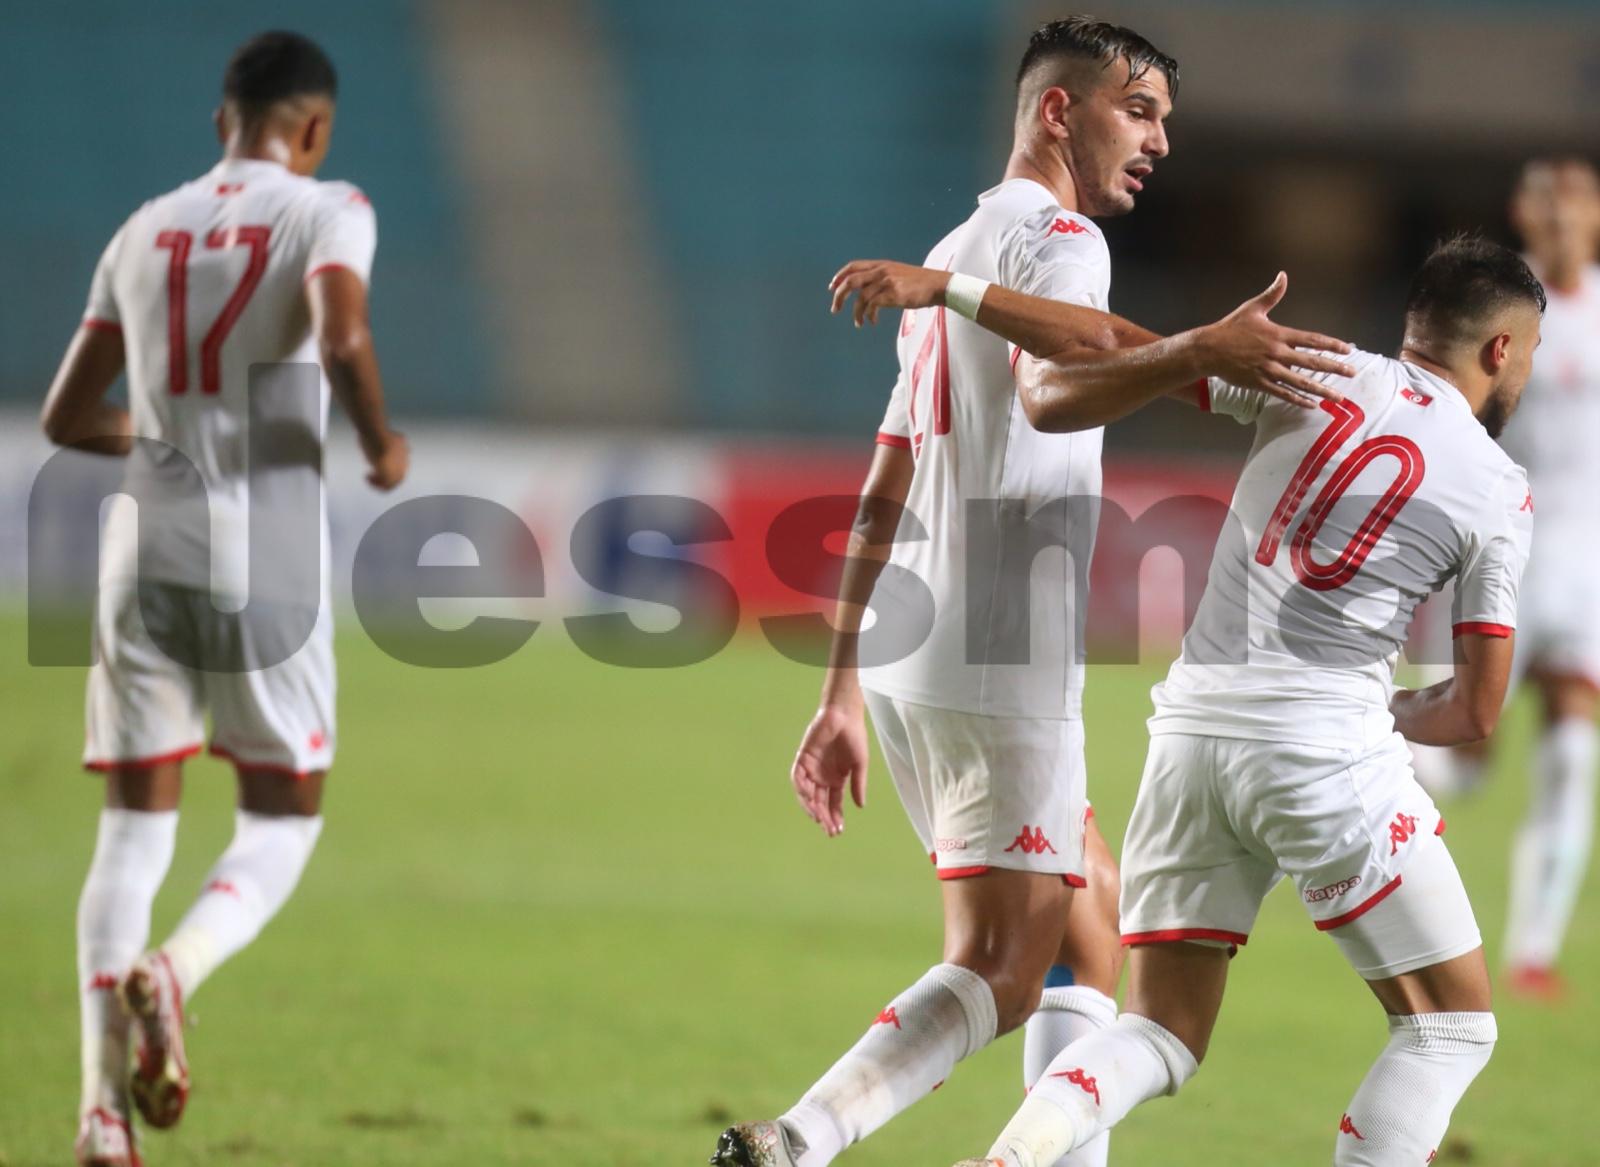 صور الشوط الثاني من لقاء المنتخب الأولمبي التونسي ونظيره الكامروني